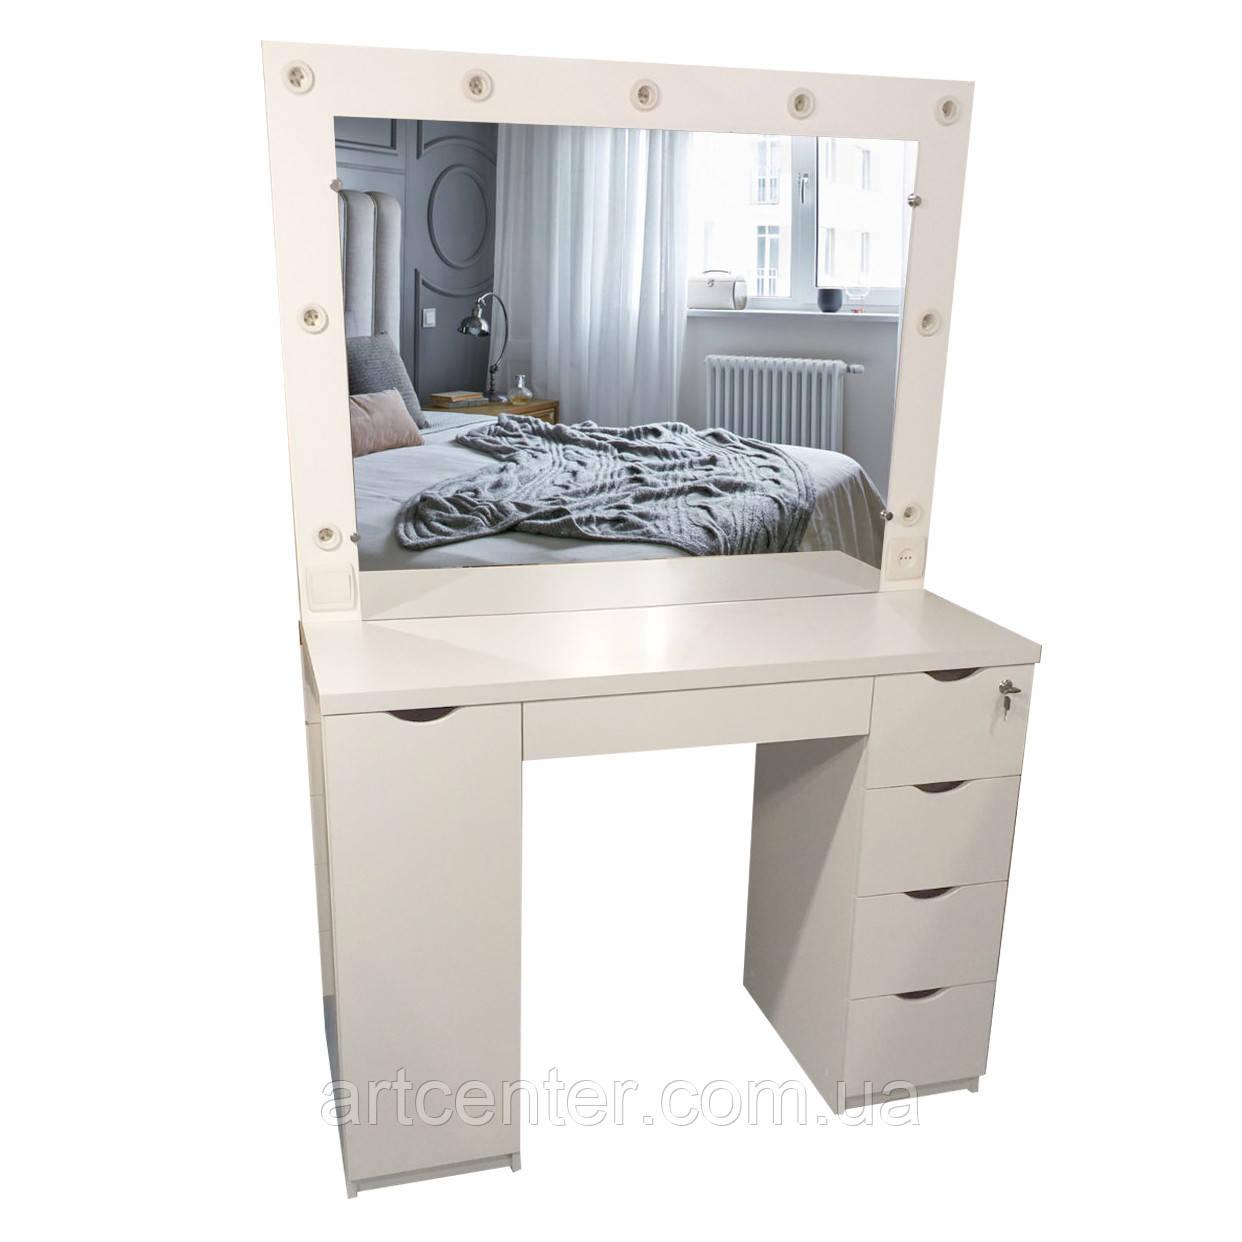 Стол для визажста с ящиками и полками